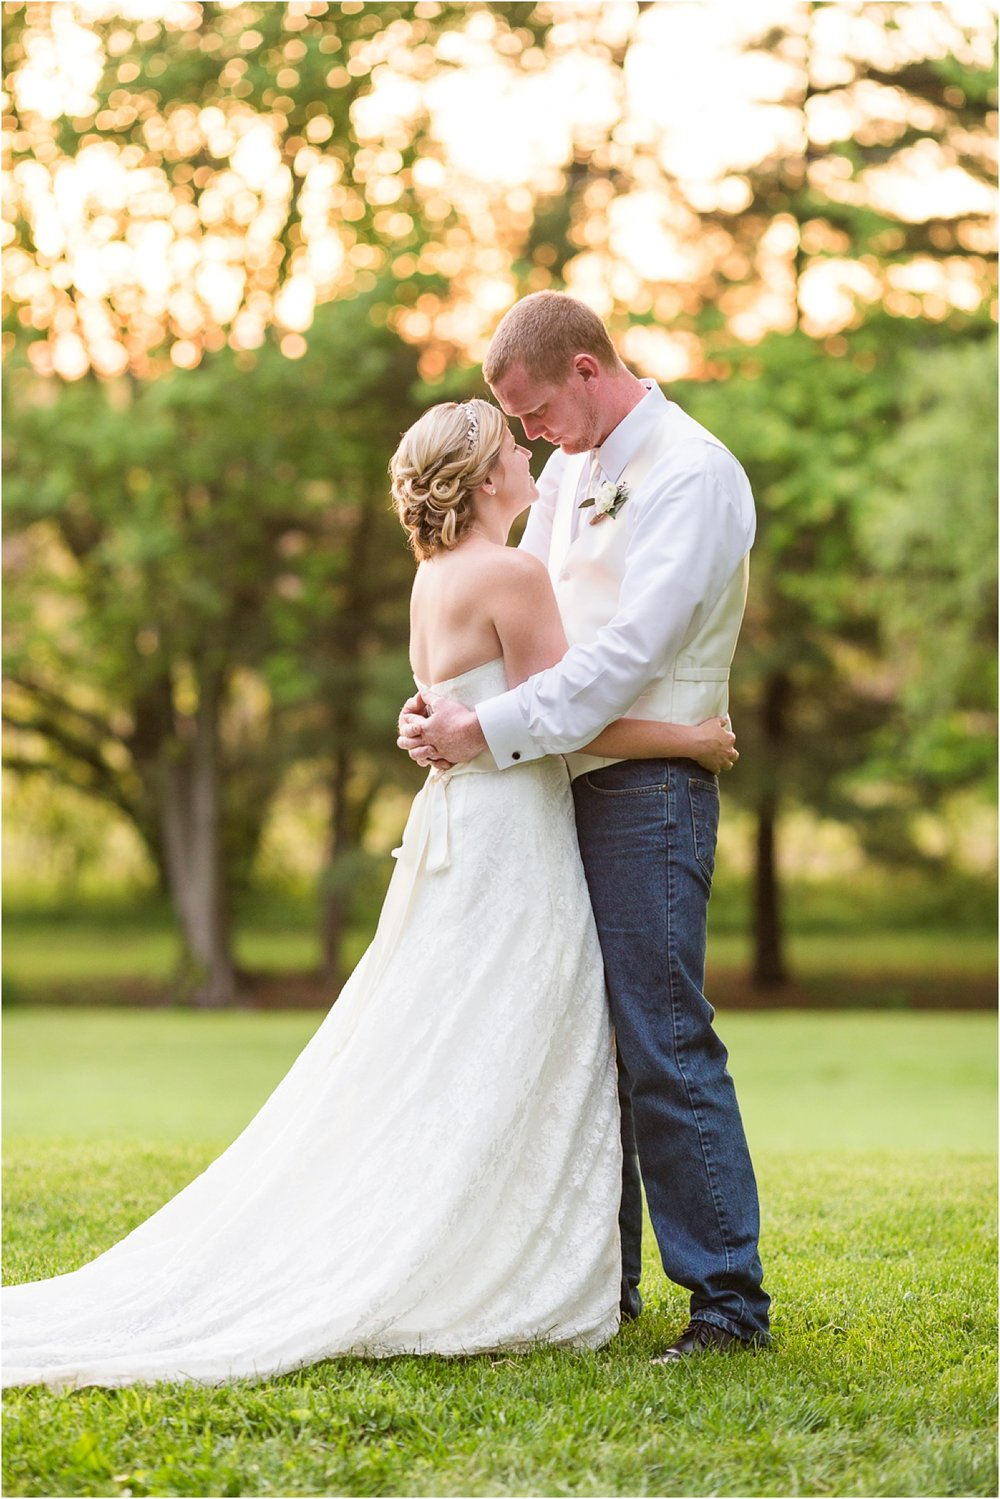 Royer-House-Wedding-Photos-108.jpg